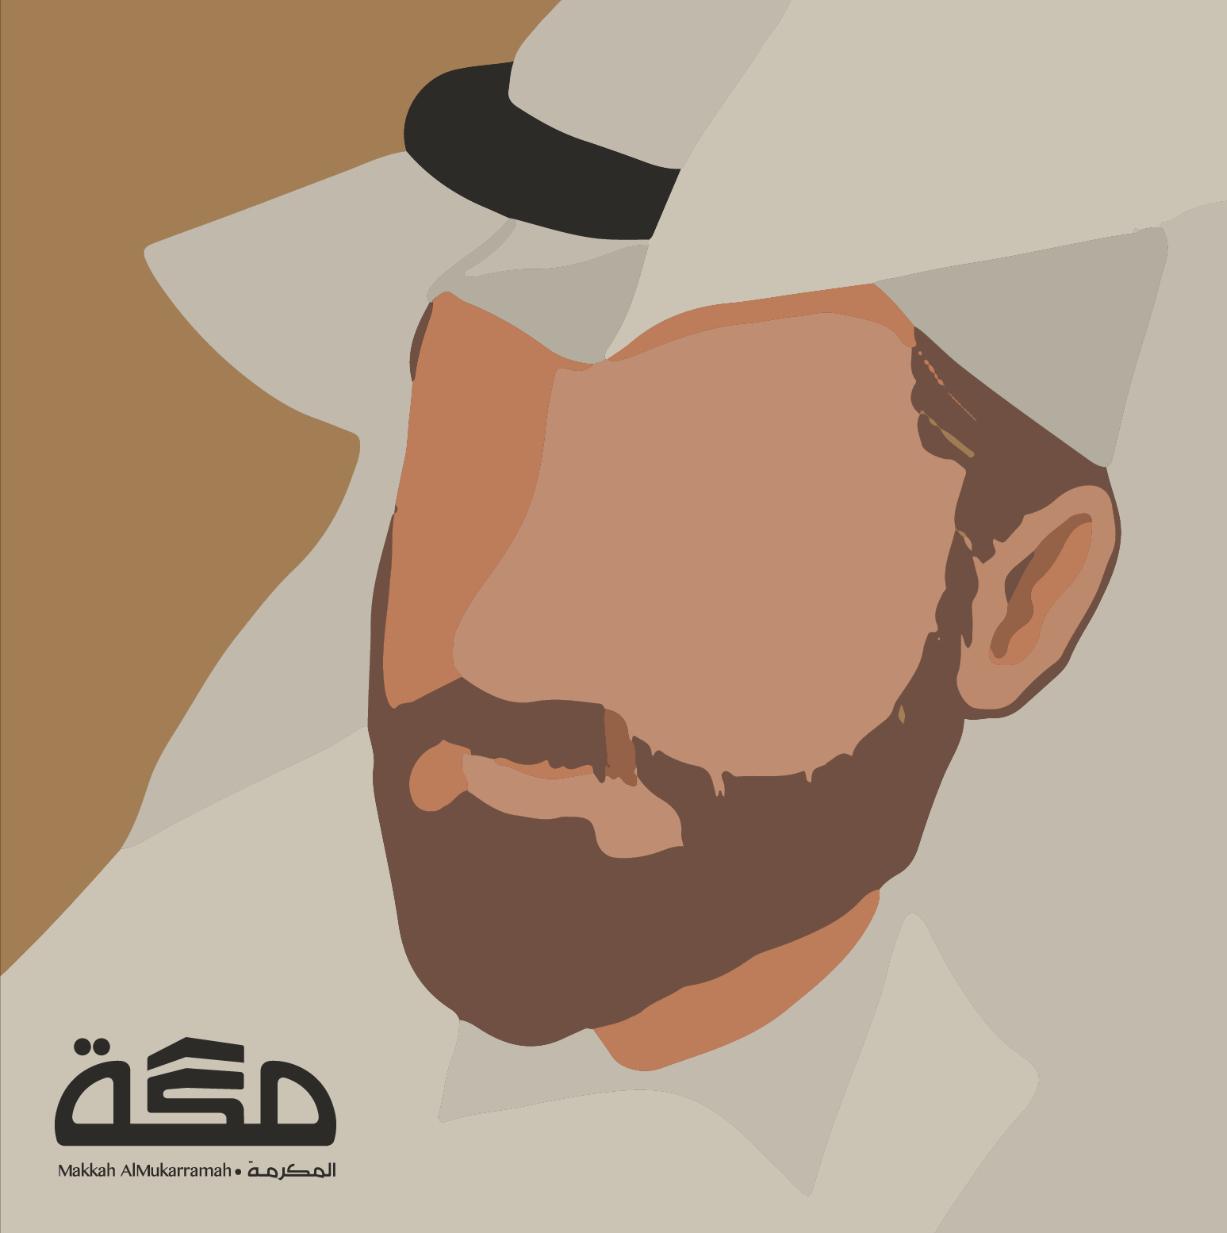 عبدالرحمن سالم البليهشي